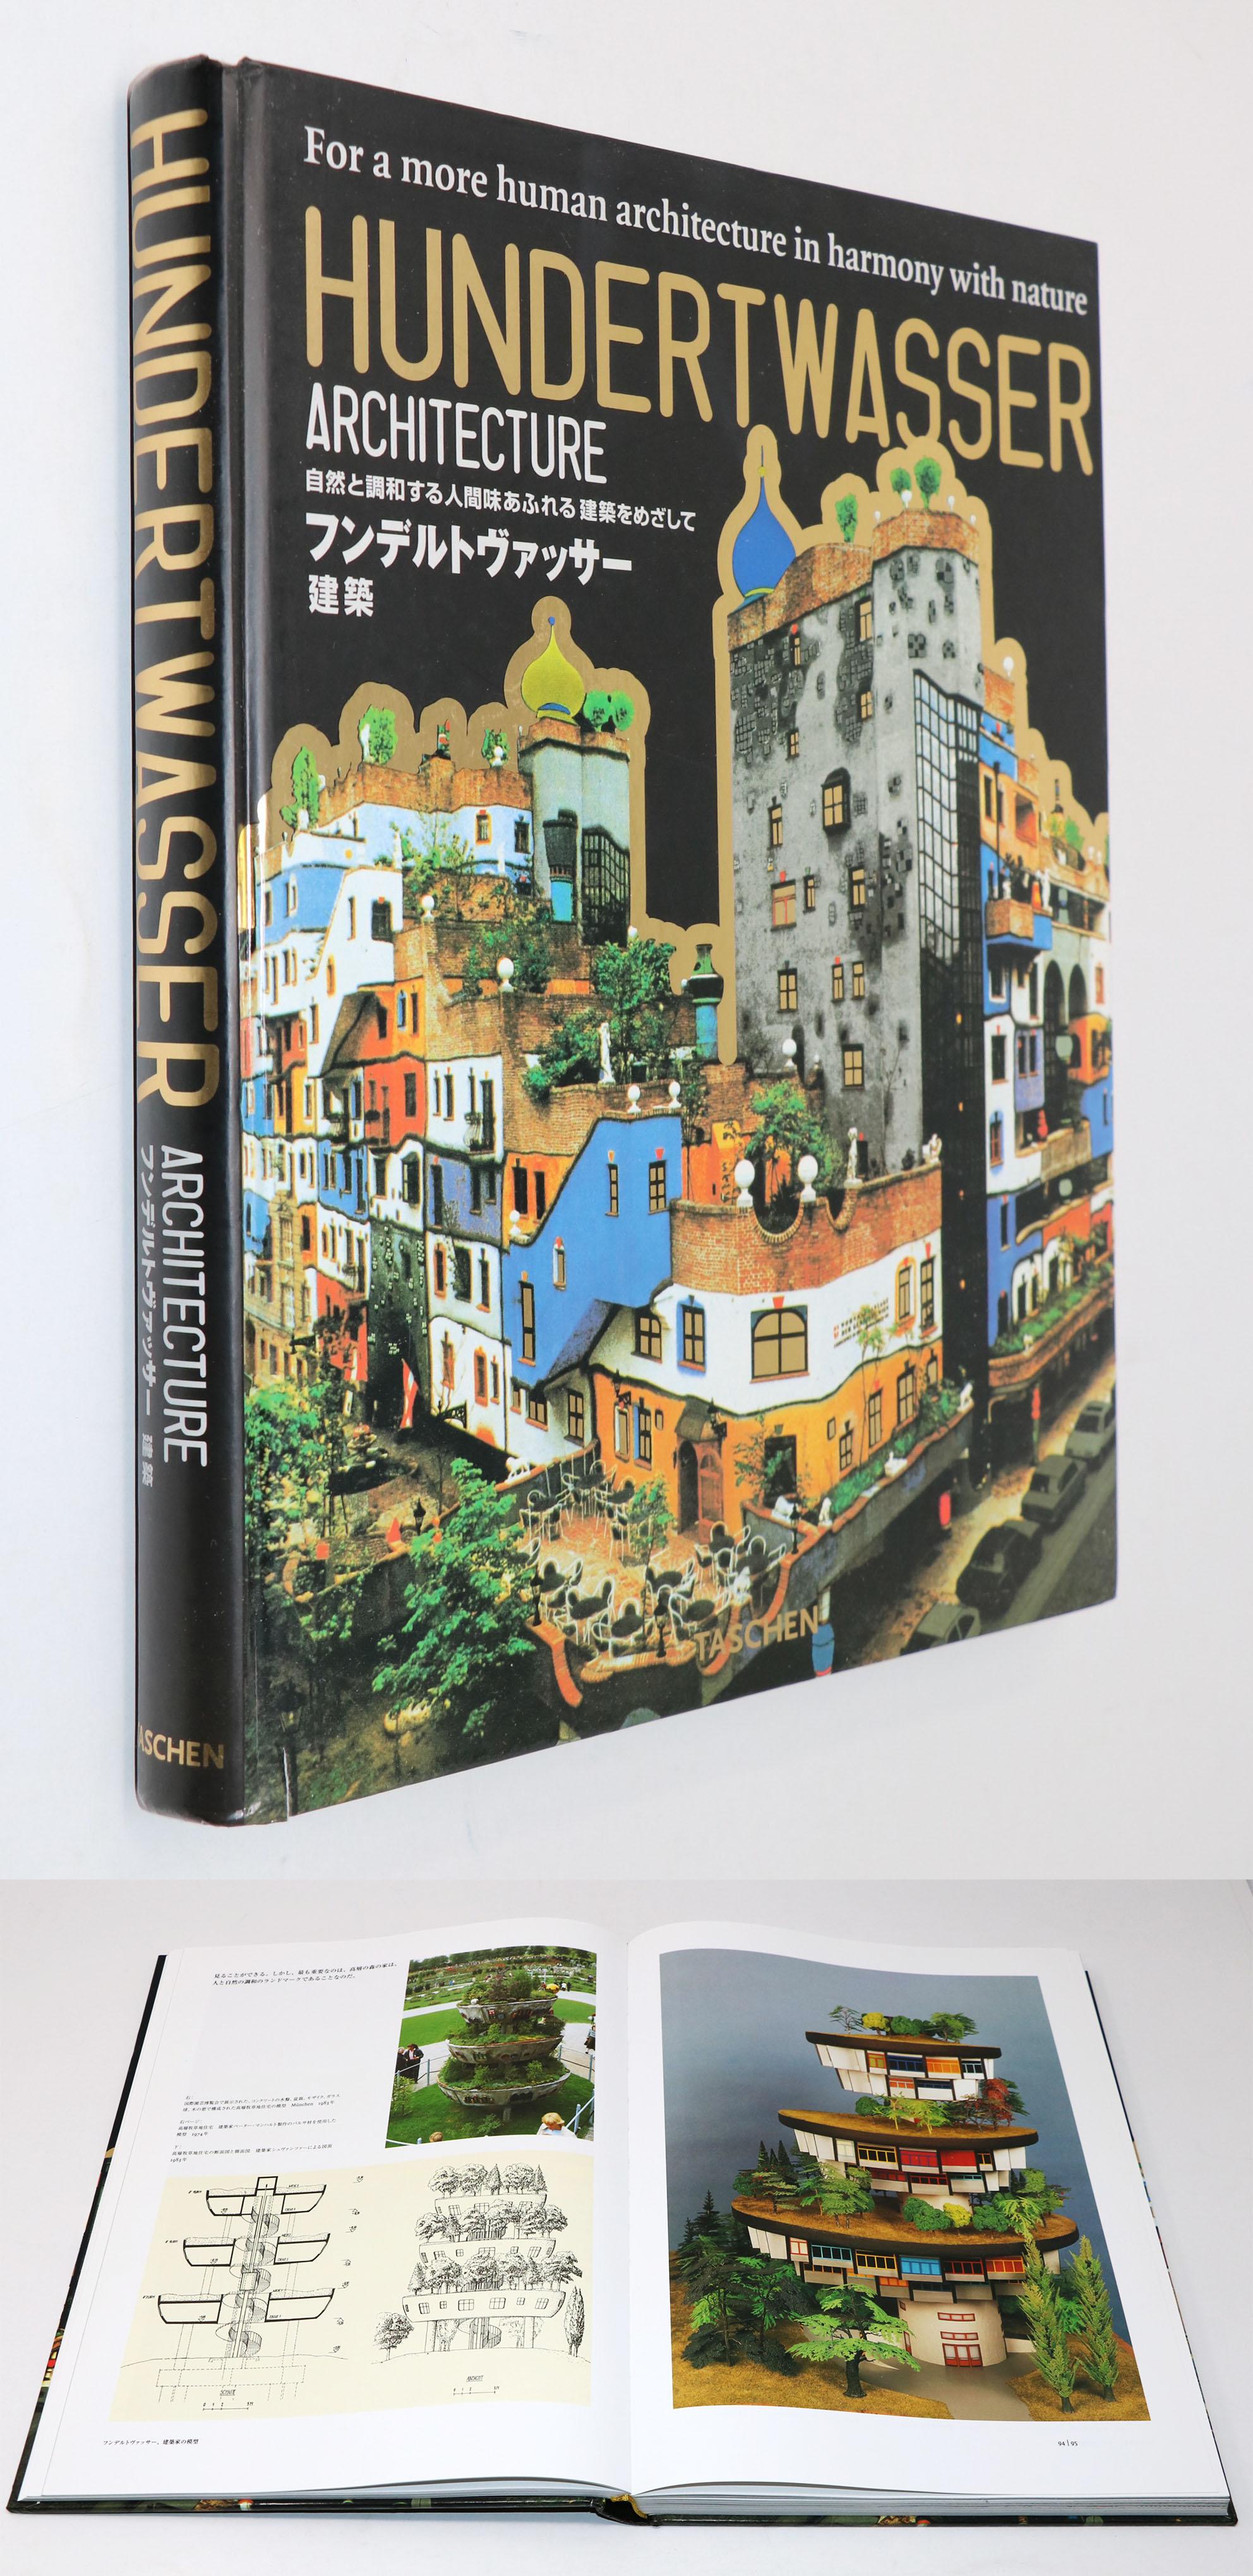 フンデルトヴァッサー建築 自然と調和する人間味あふれる建築をめざして